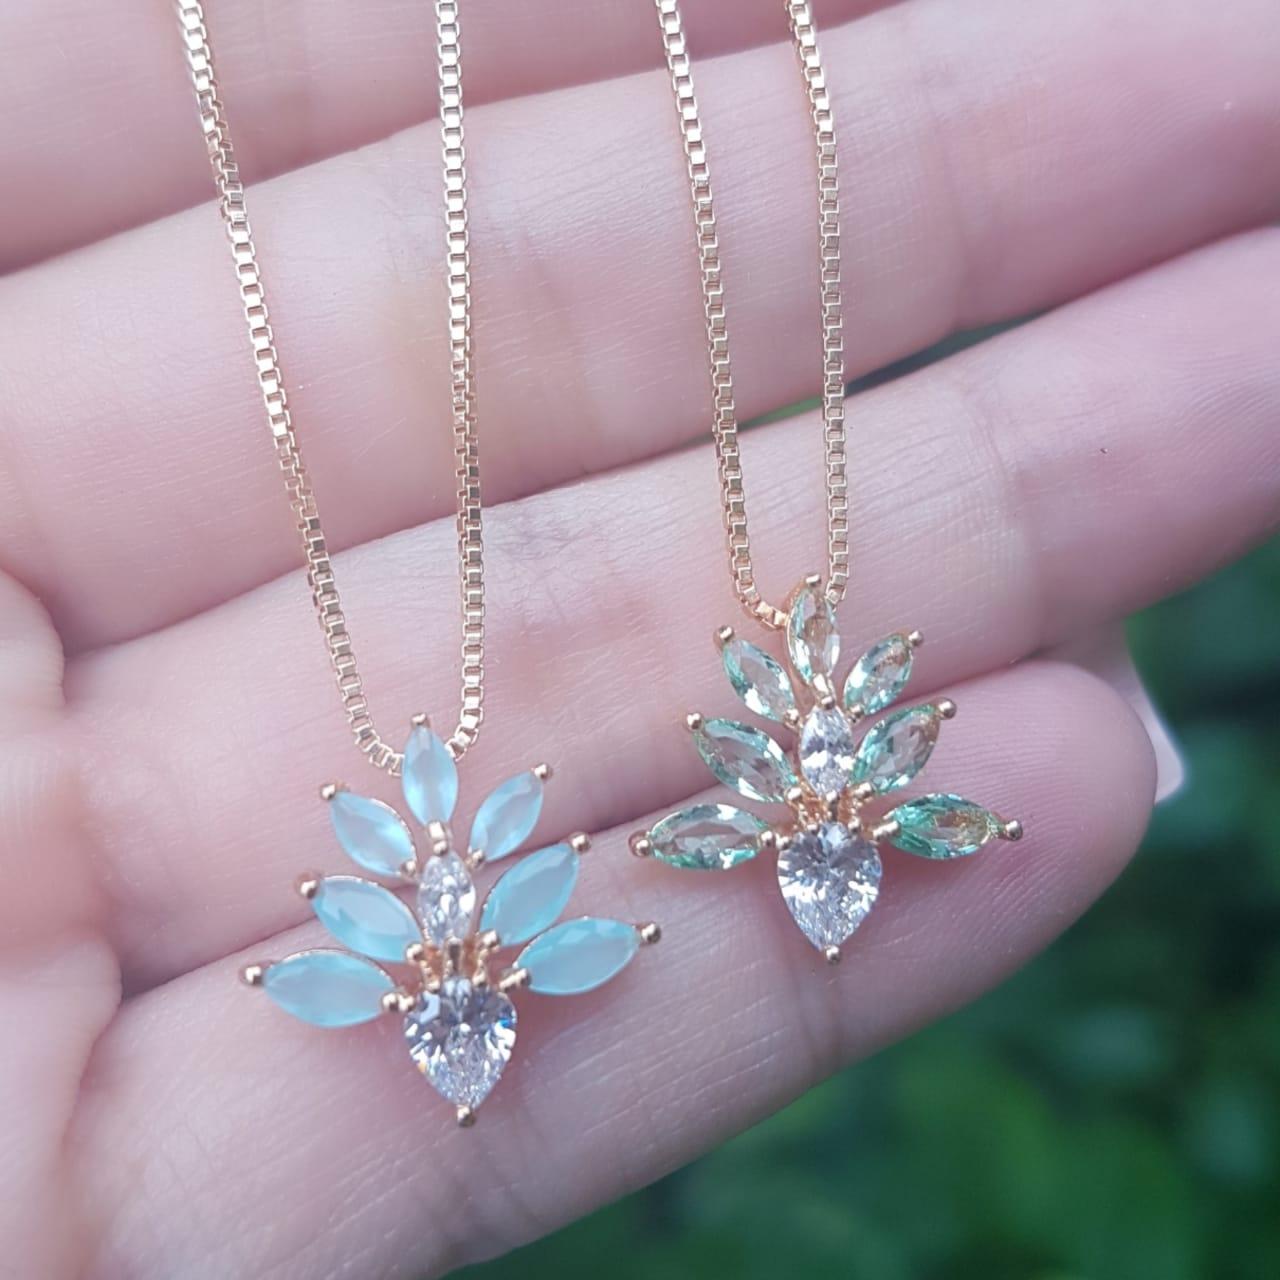 611794527e2f5 Colar luxo Flower com zircônia navete branca e azul céu em banho de ouro 18k